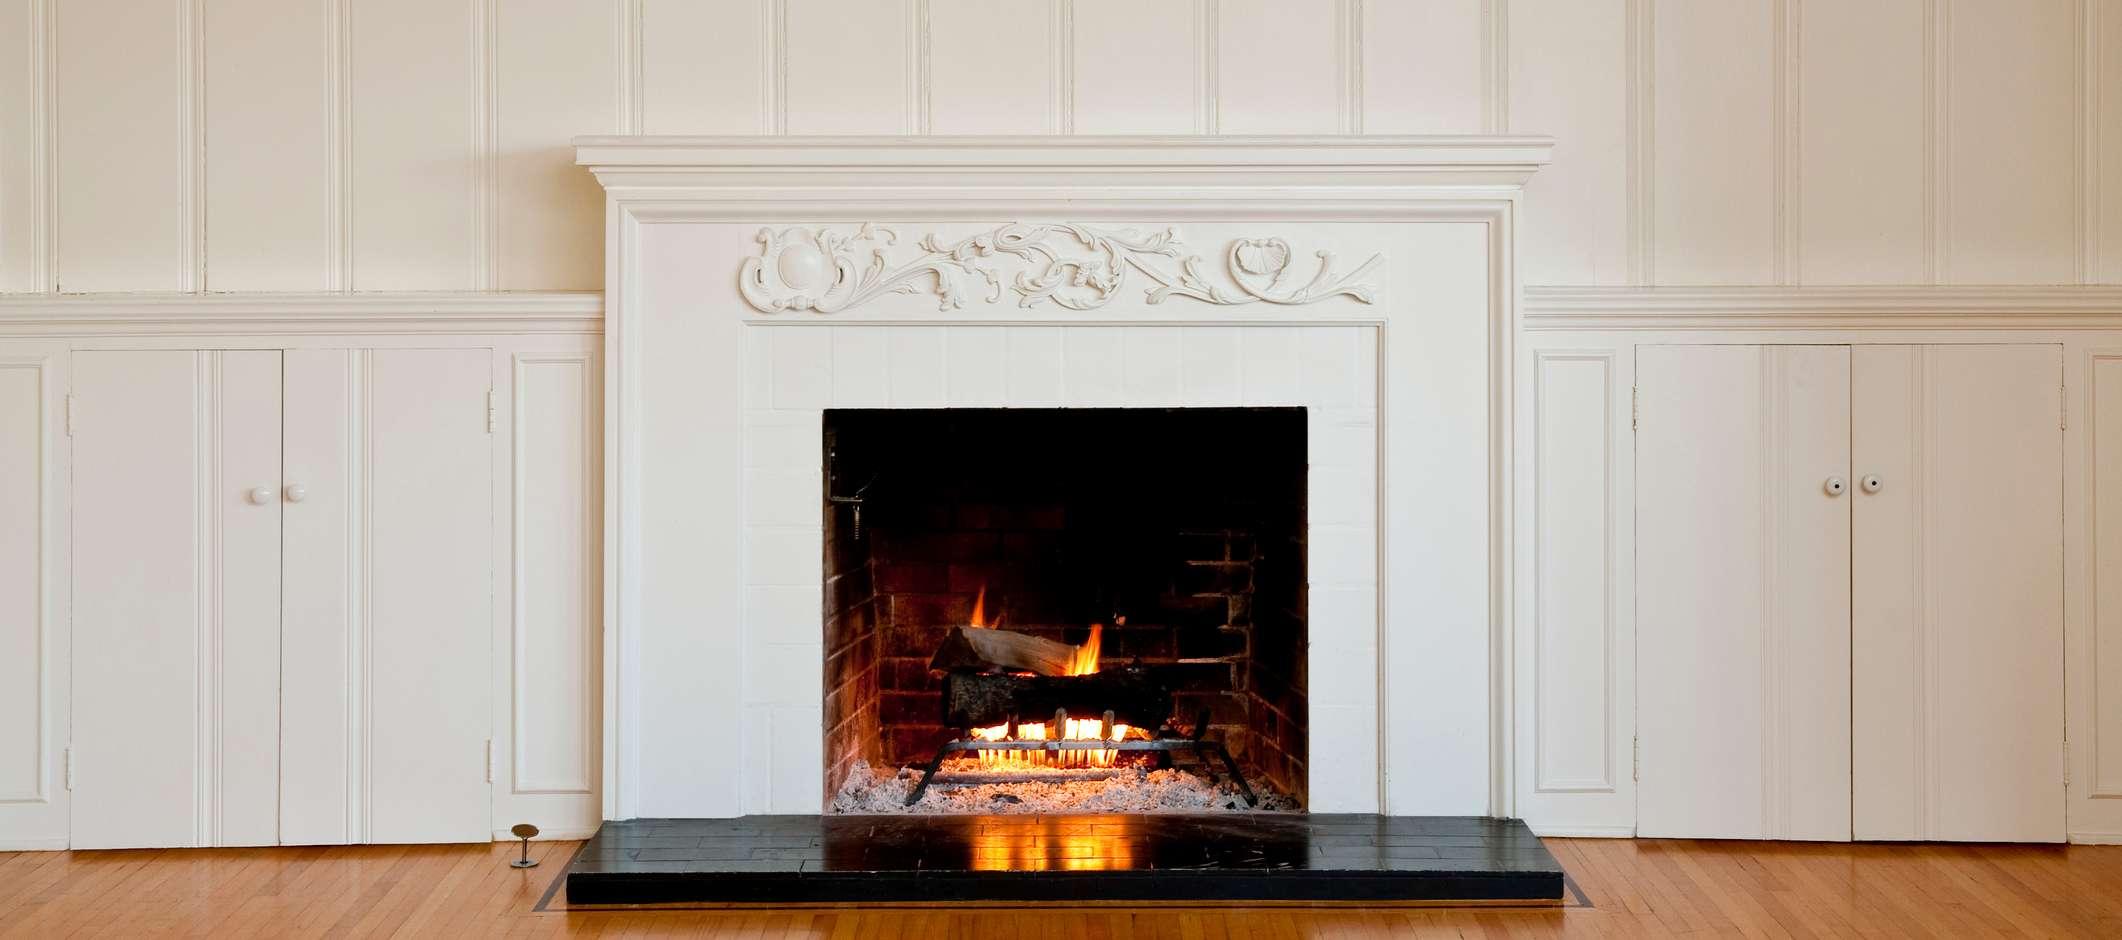 Feuer brennt in offenem Kamin in weiß getäfeltem Wohnzimmer